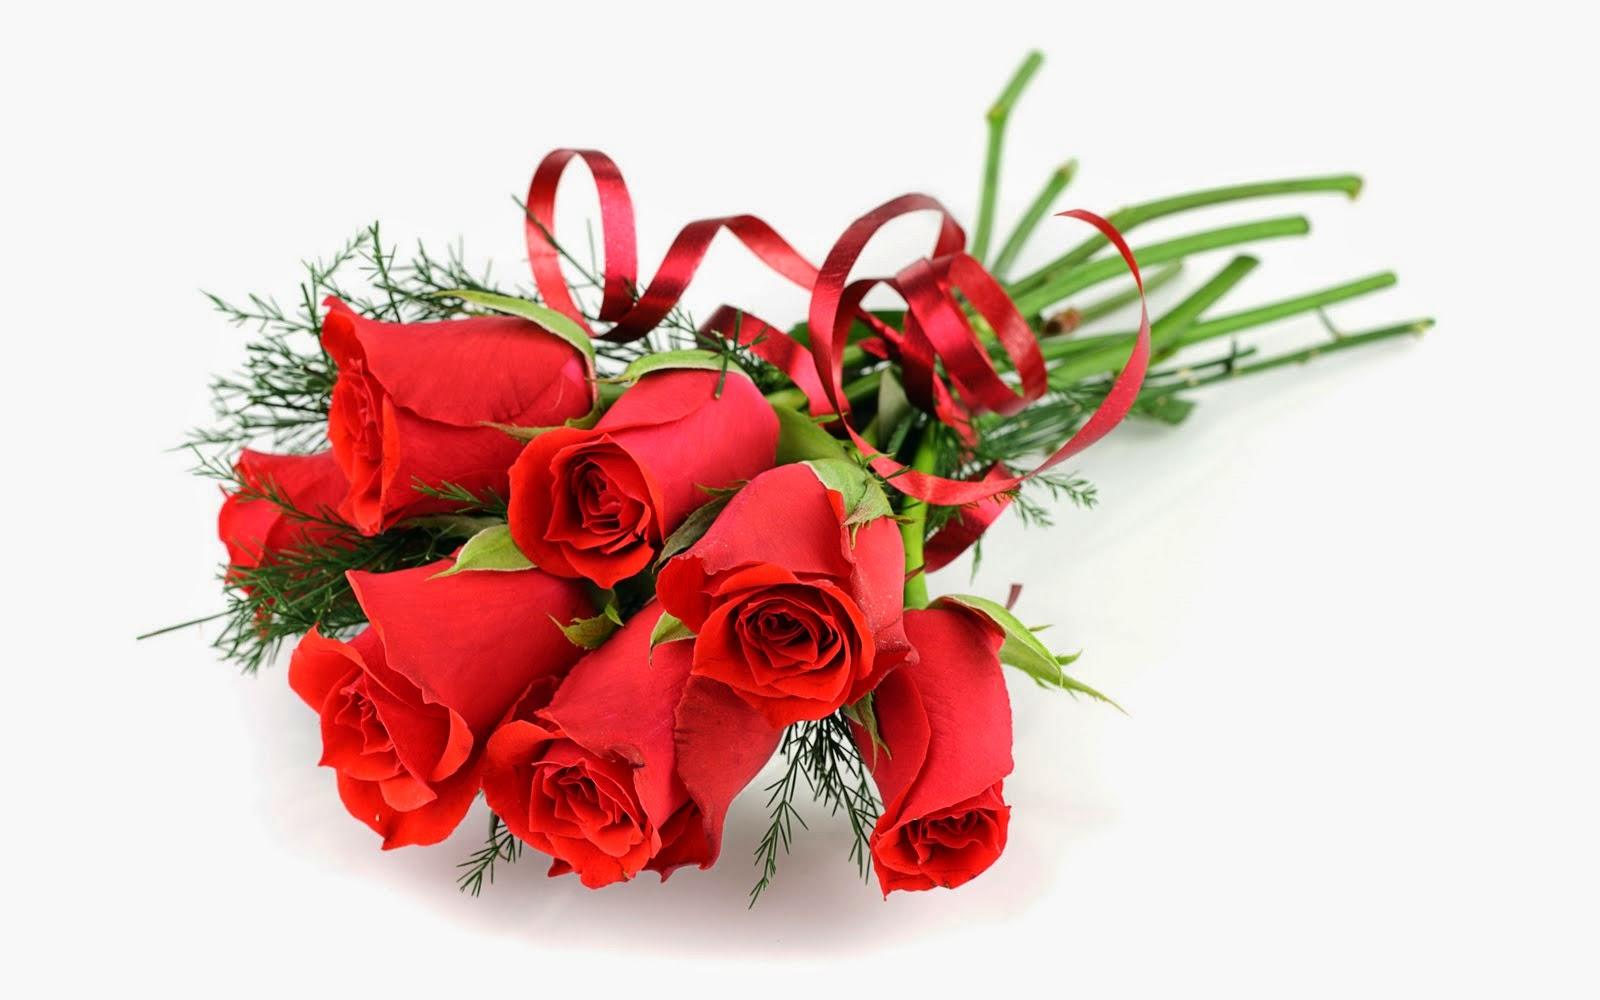 Imagenes y fotos Dia San Valentin con Rosas